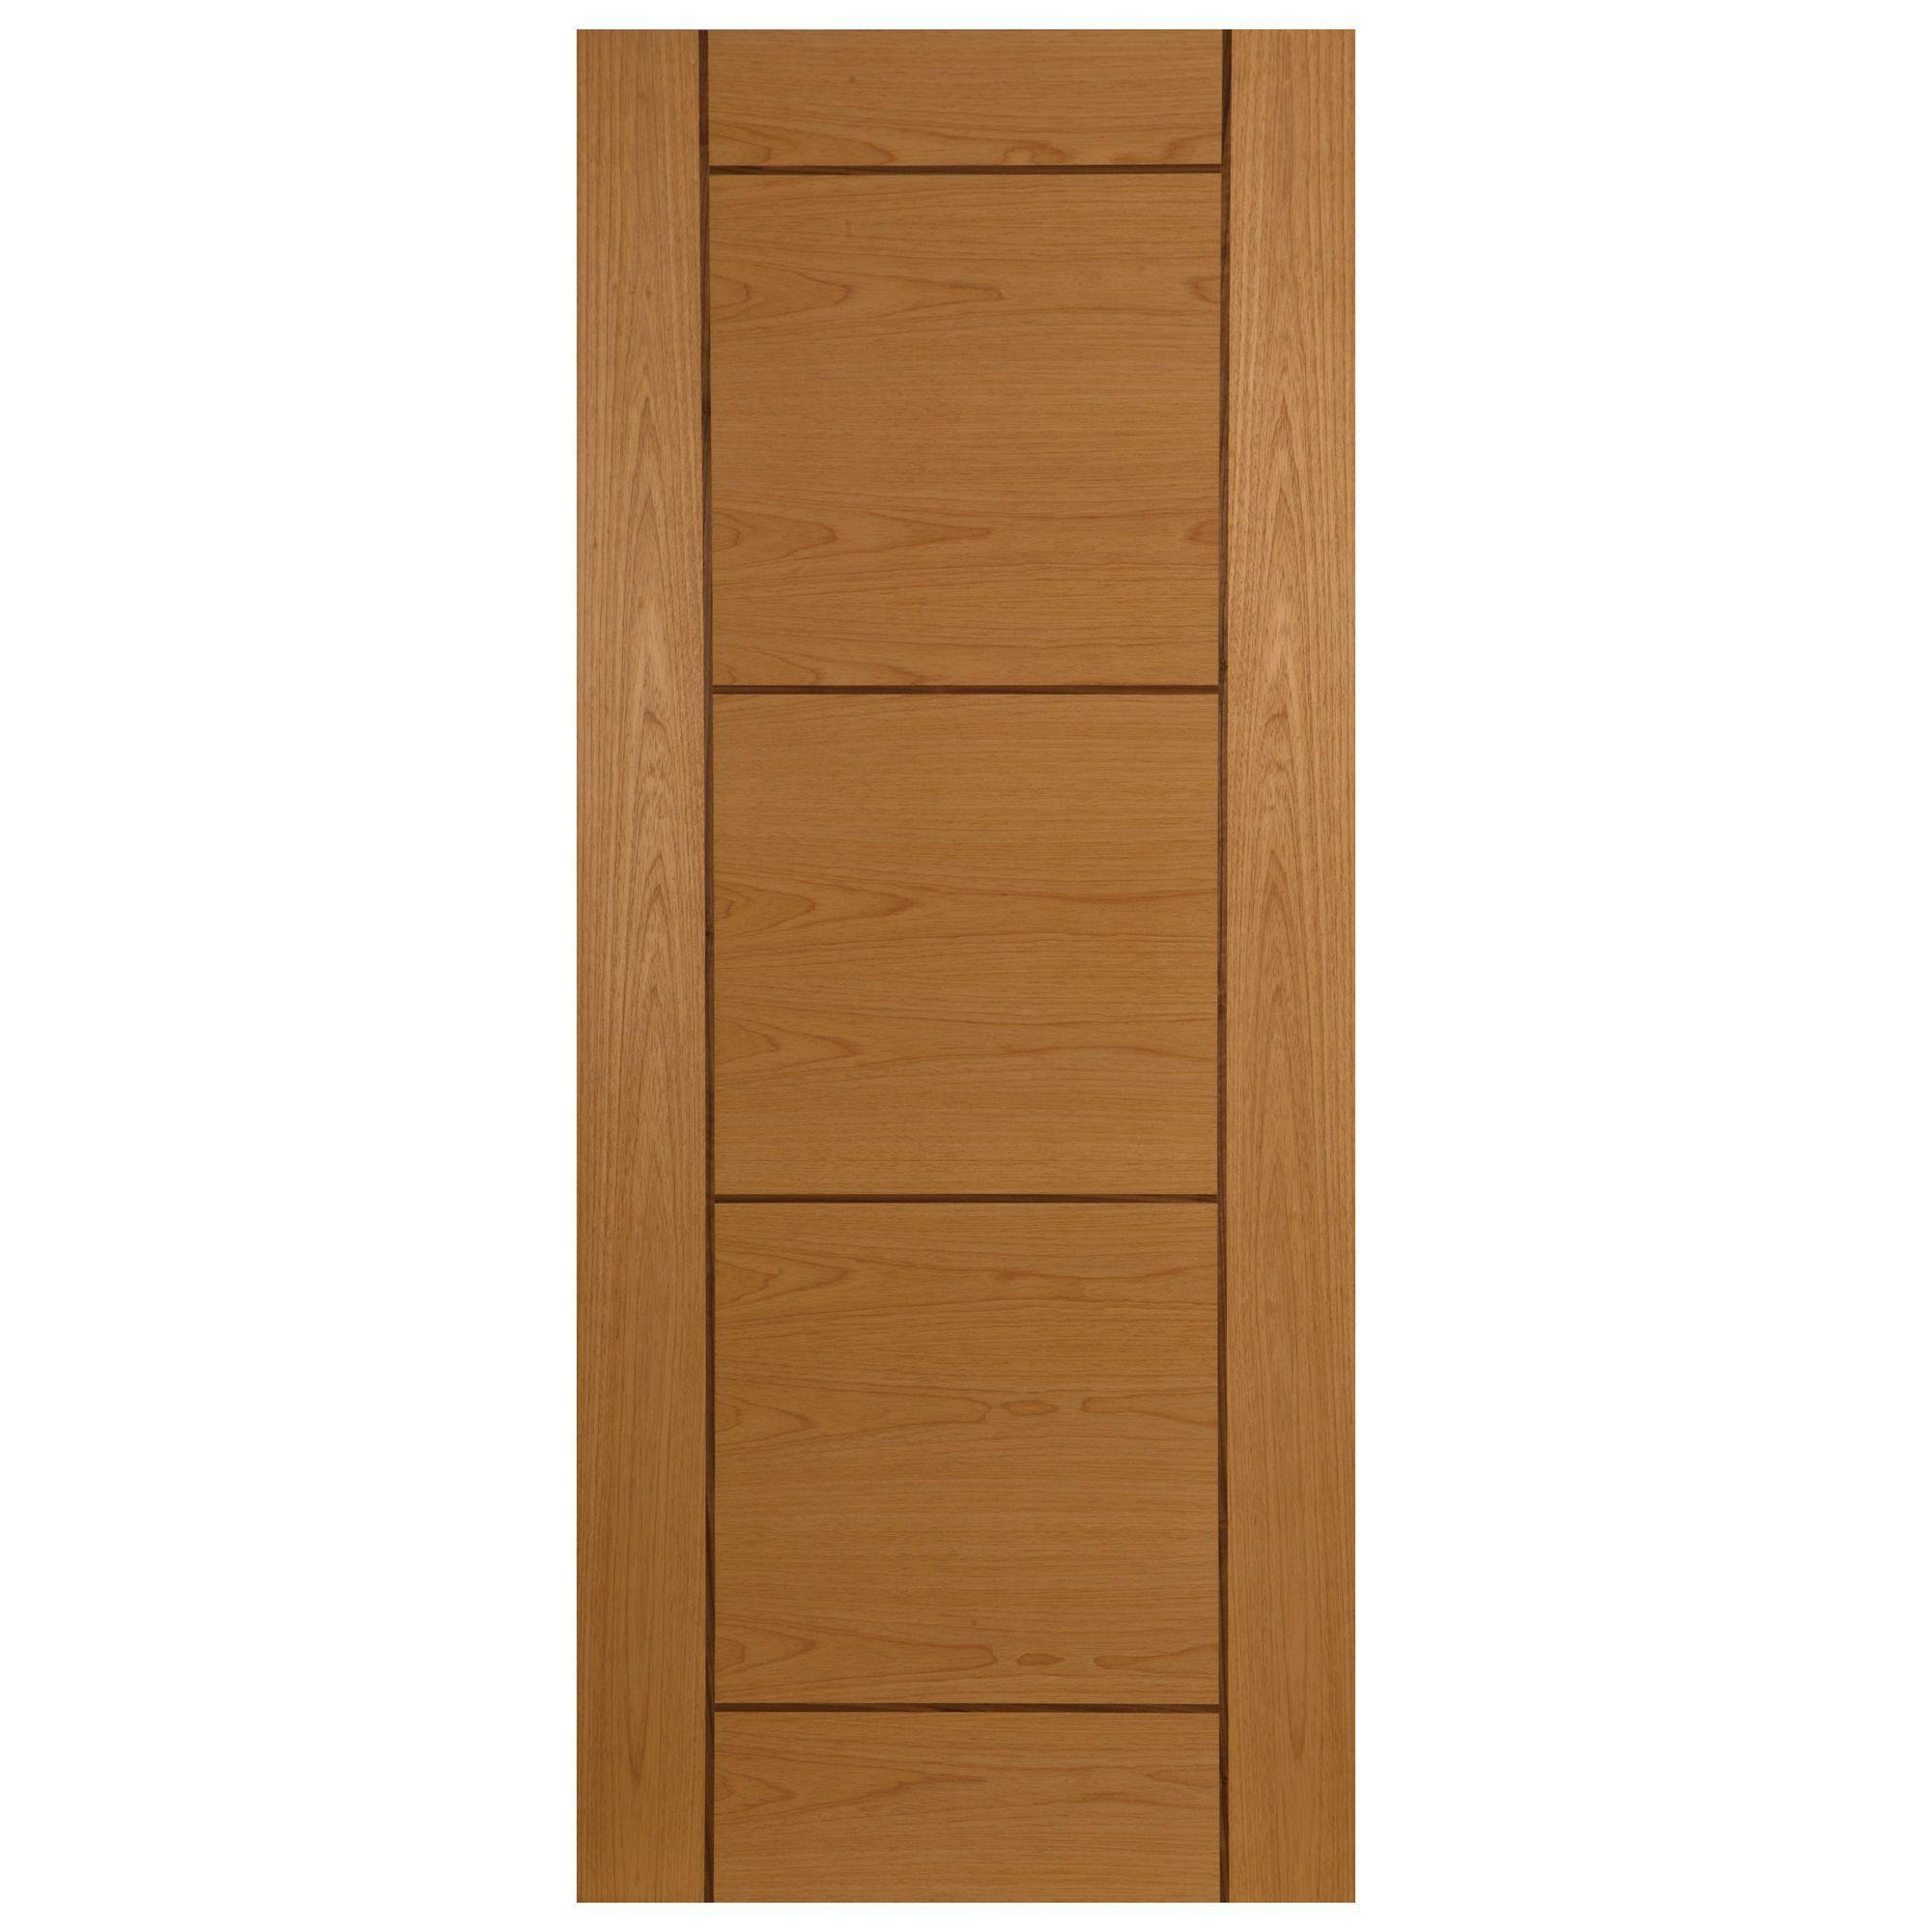 Ventford walnut veneer timber external front door h for Wood veneer garage doors